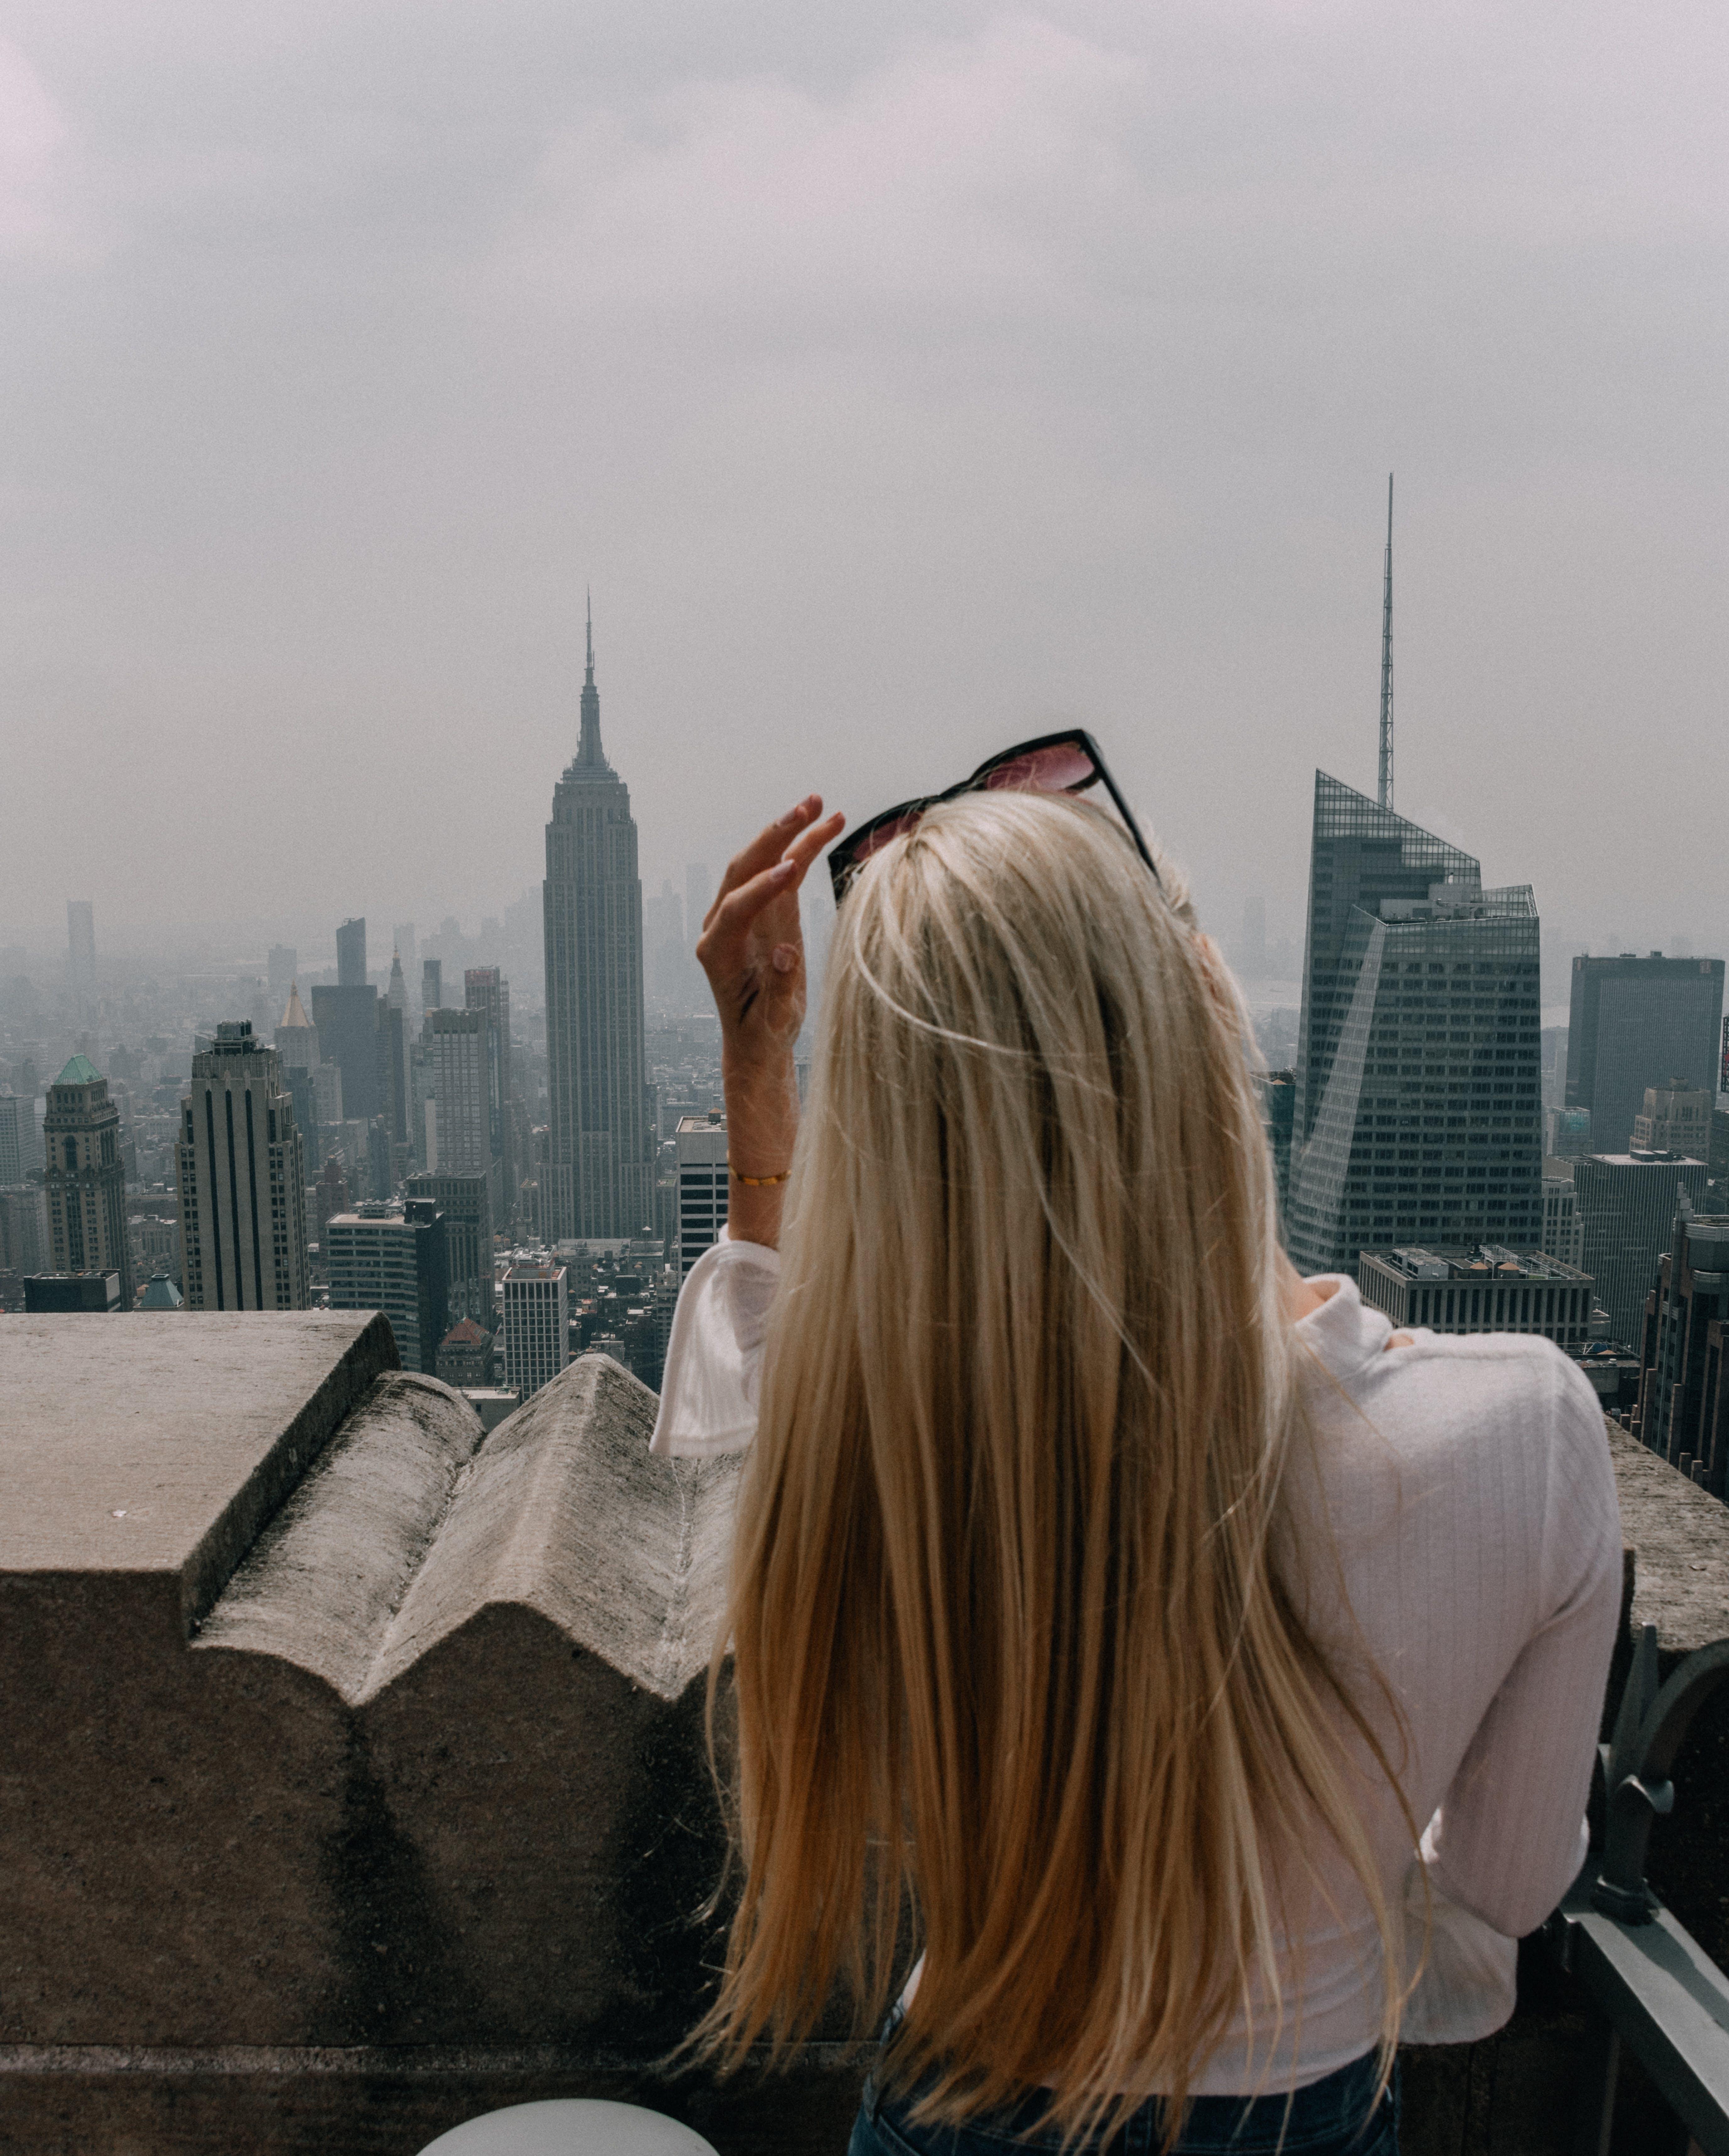 arkitektur, blondt hår, by